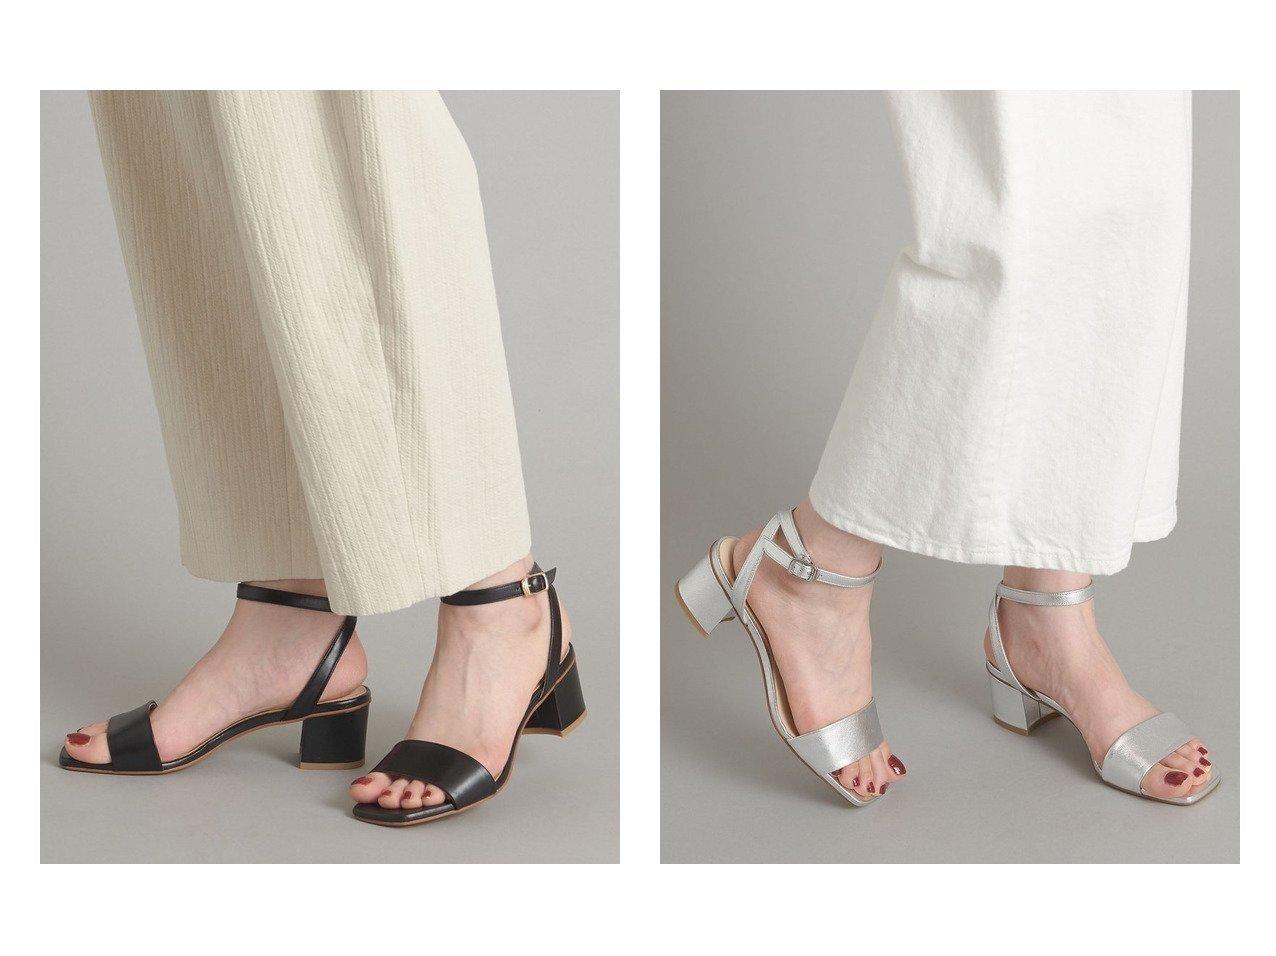 【Odette e Odile/オデット エ オディール】のOFD ブロックヒール サンダル50↓↑ 【シューズ・靴】おすすめ!人気、トレンド・レディースファッションの通販 おすすめで人気の流行・トレンド、ファッションの通販商品 メンズファッション・キッズファッション・インテリア・家具・レディースファッション・服の通販 founy(ファニー) https://founy.com/ ファッション Fashion レディースファッション WOMEN サンダル シューズ ストラップサンダル ブロック ミュール |ID:crp329100000039534